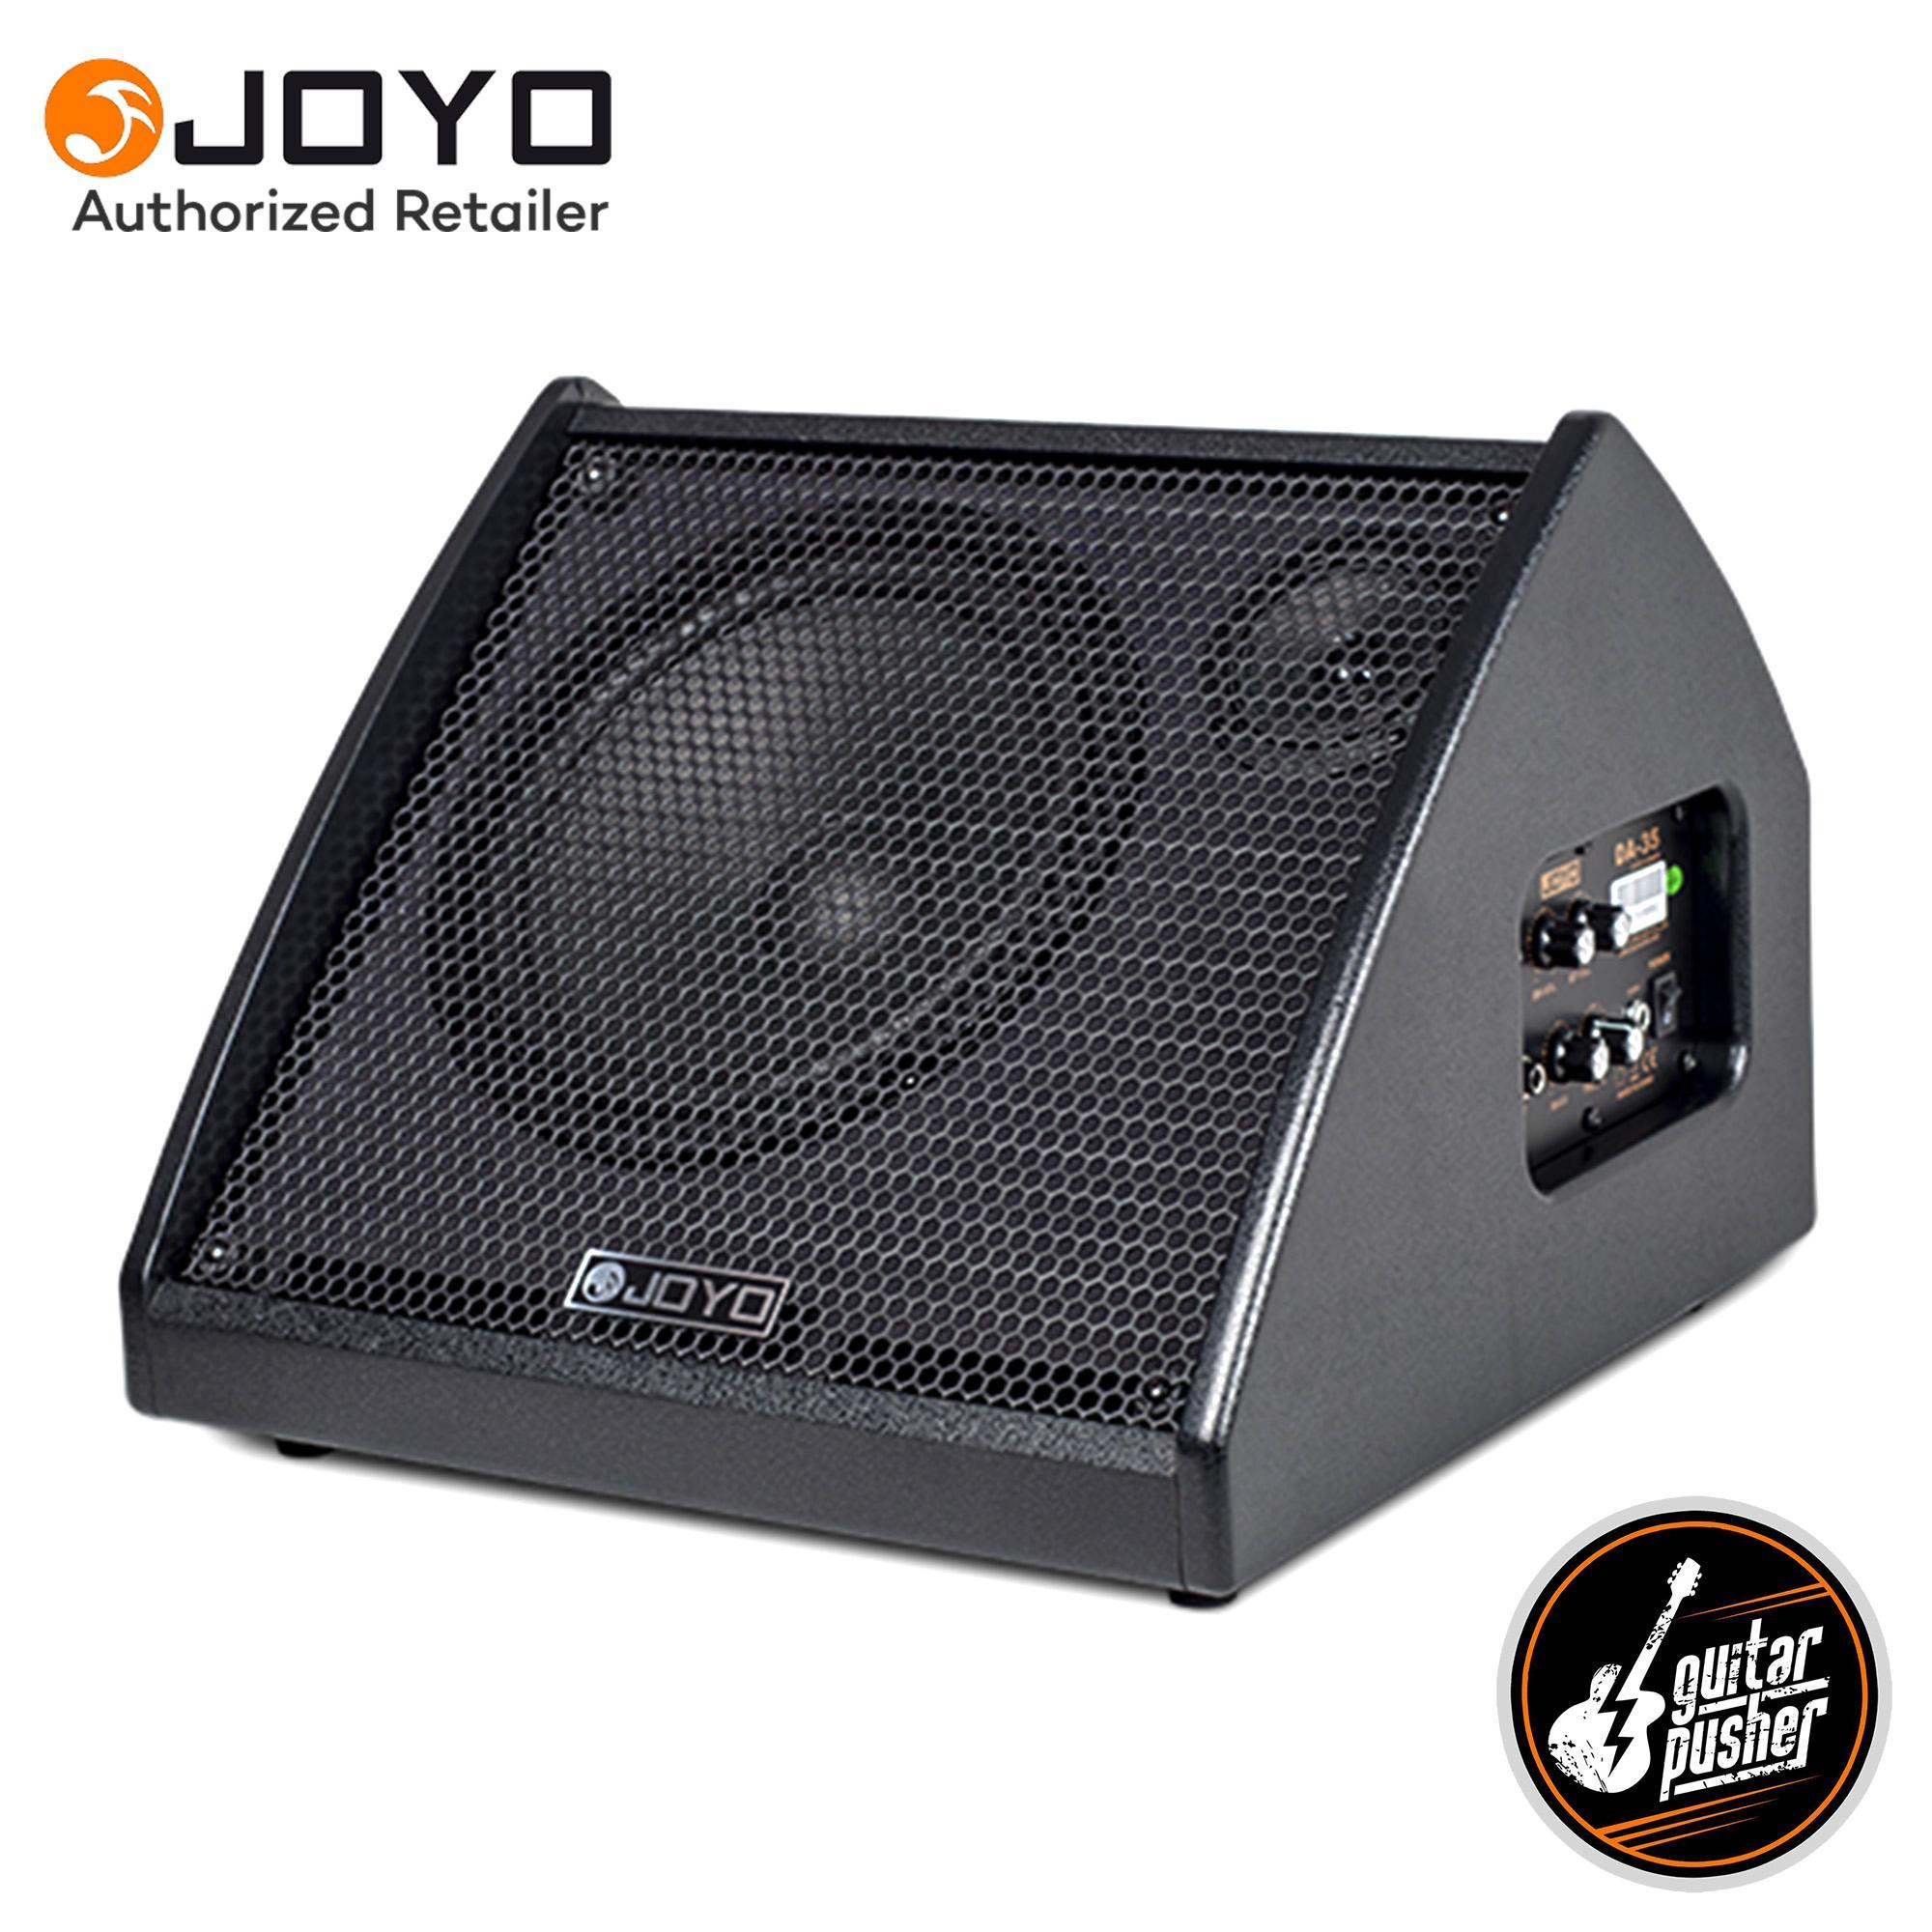 Joyo DA-35 Electronic Drum Aplifier / Monitor